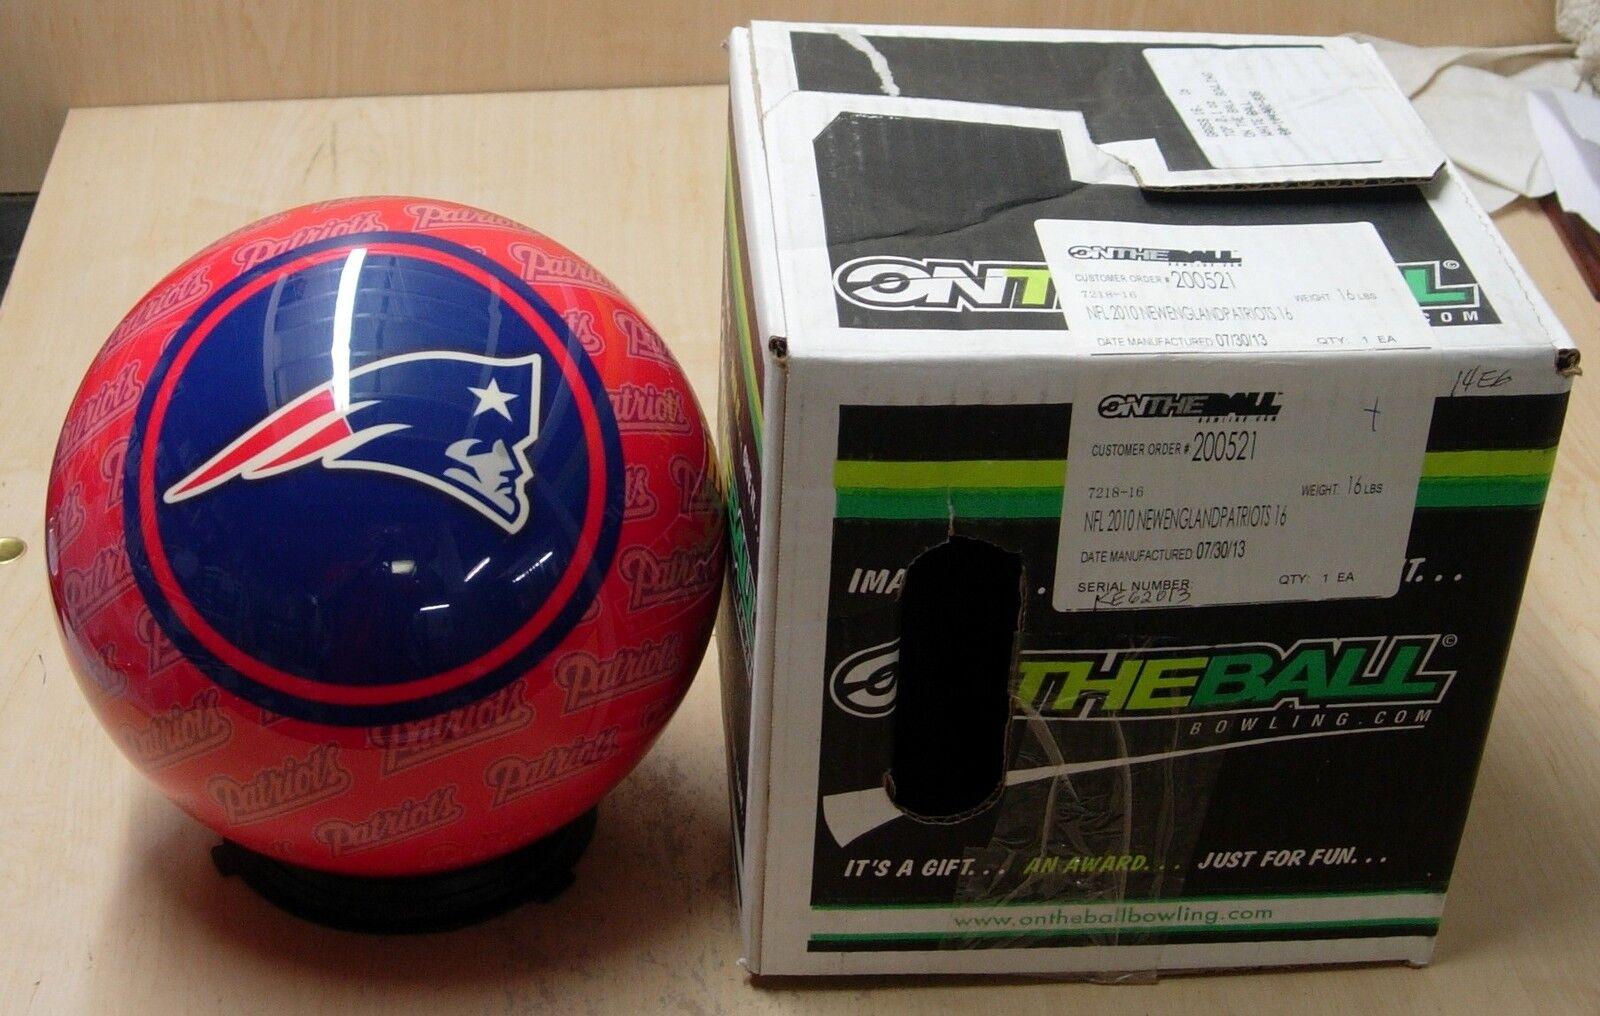 16 073013 Bowling Ball Otbb Viz-a-ball Nfl Rare 2010 England Patriots